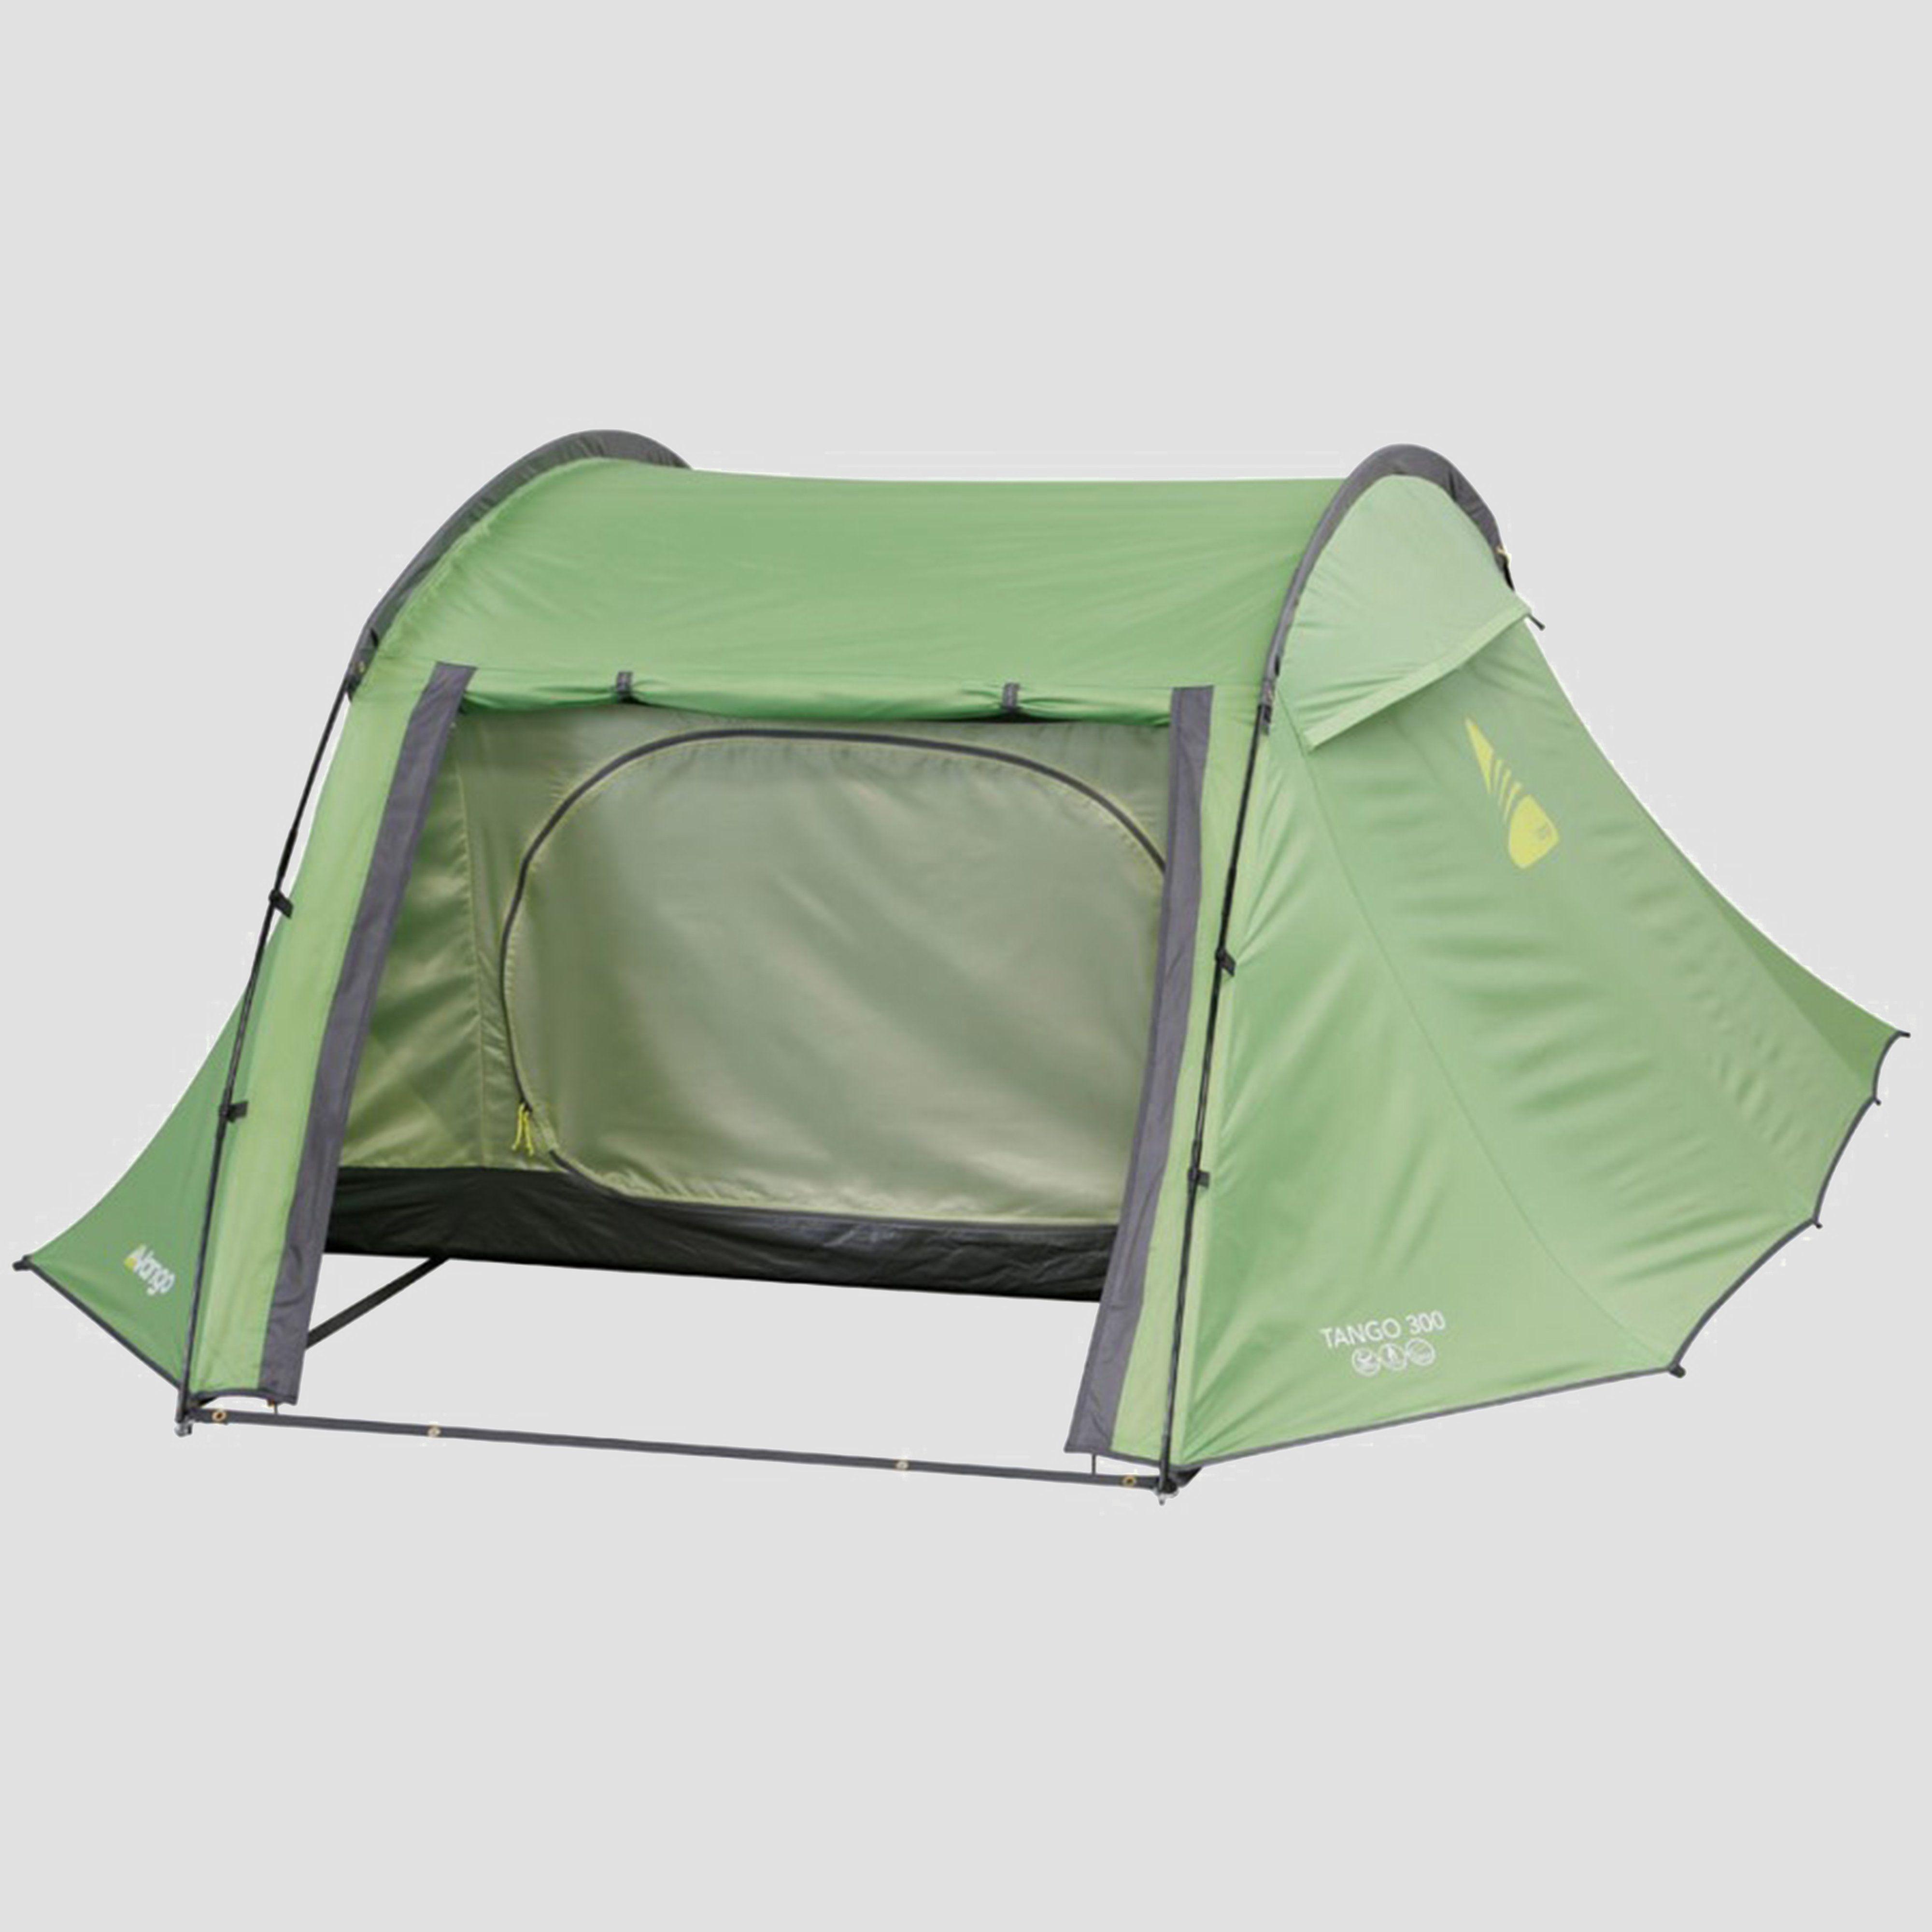 VANGO Tango 300 3 Person Tent